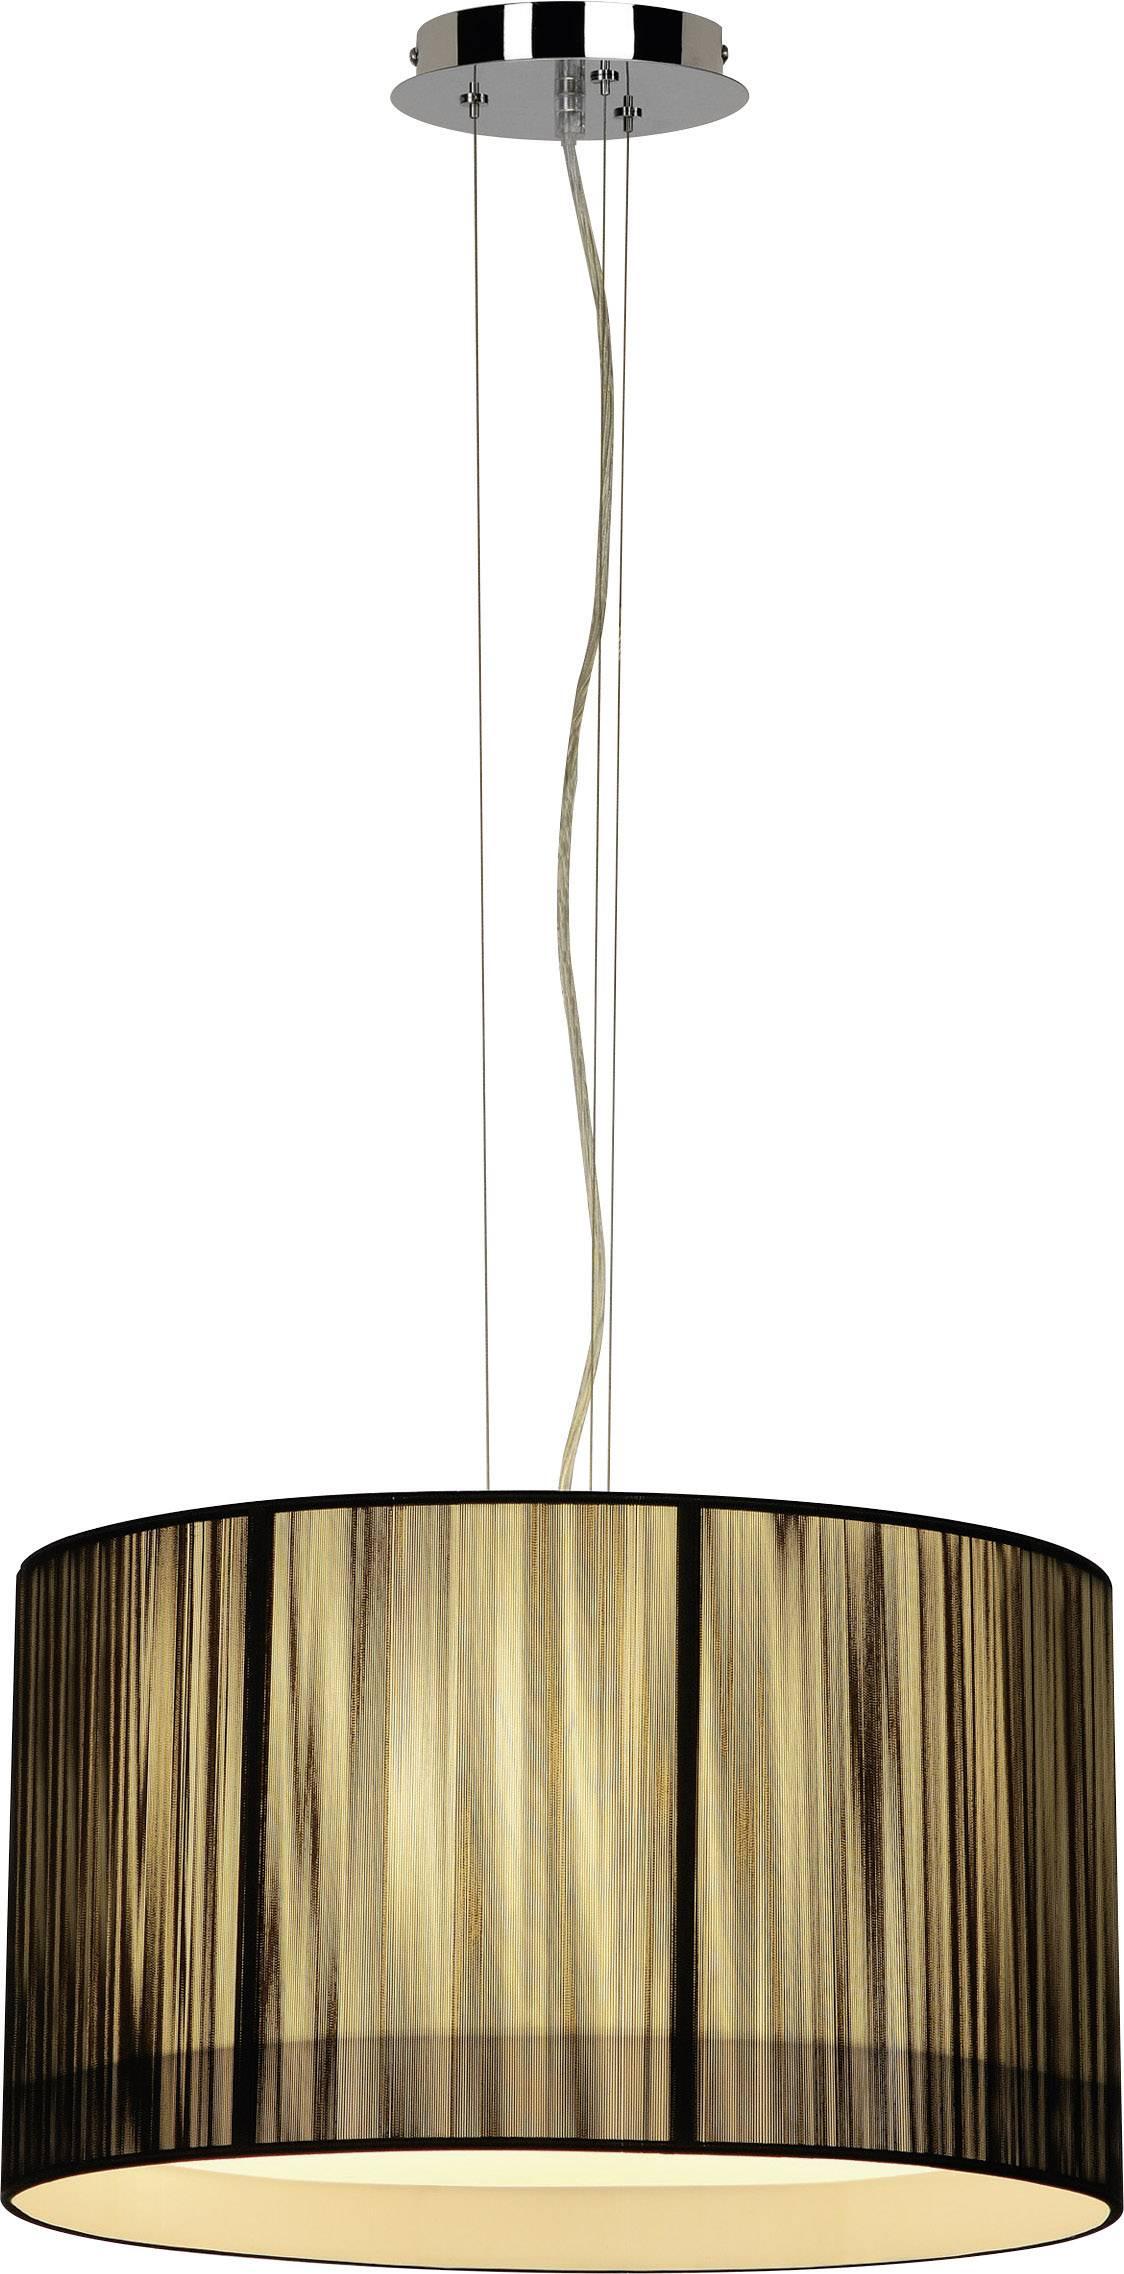 Závesné svietidlo halogénová žiarovka, úsporná žiarovka SLV Lasson 155300, E27, 180 W, čierna, béžová